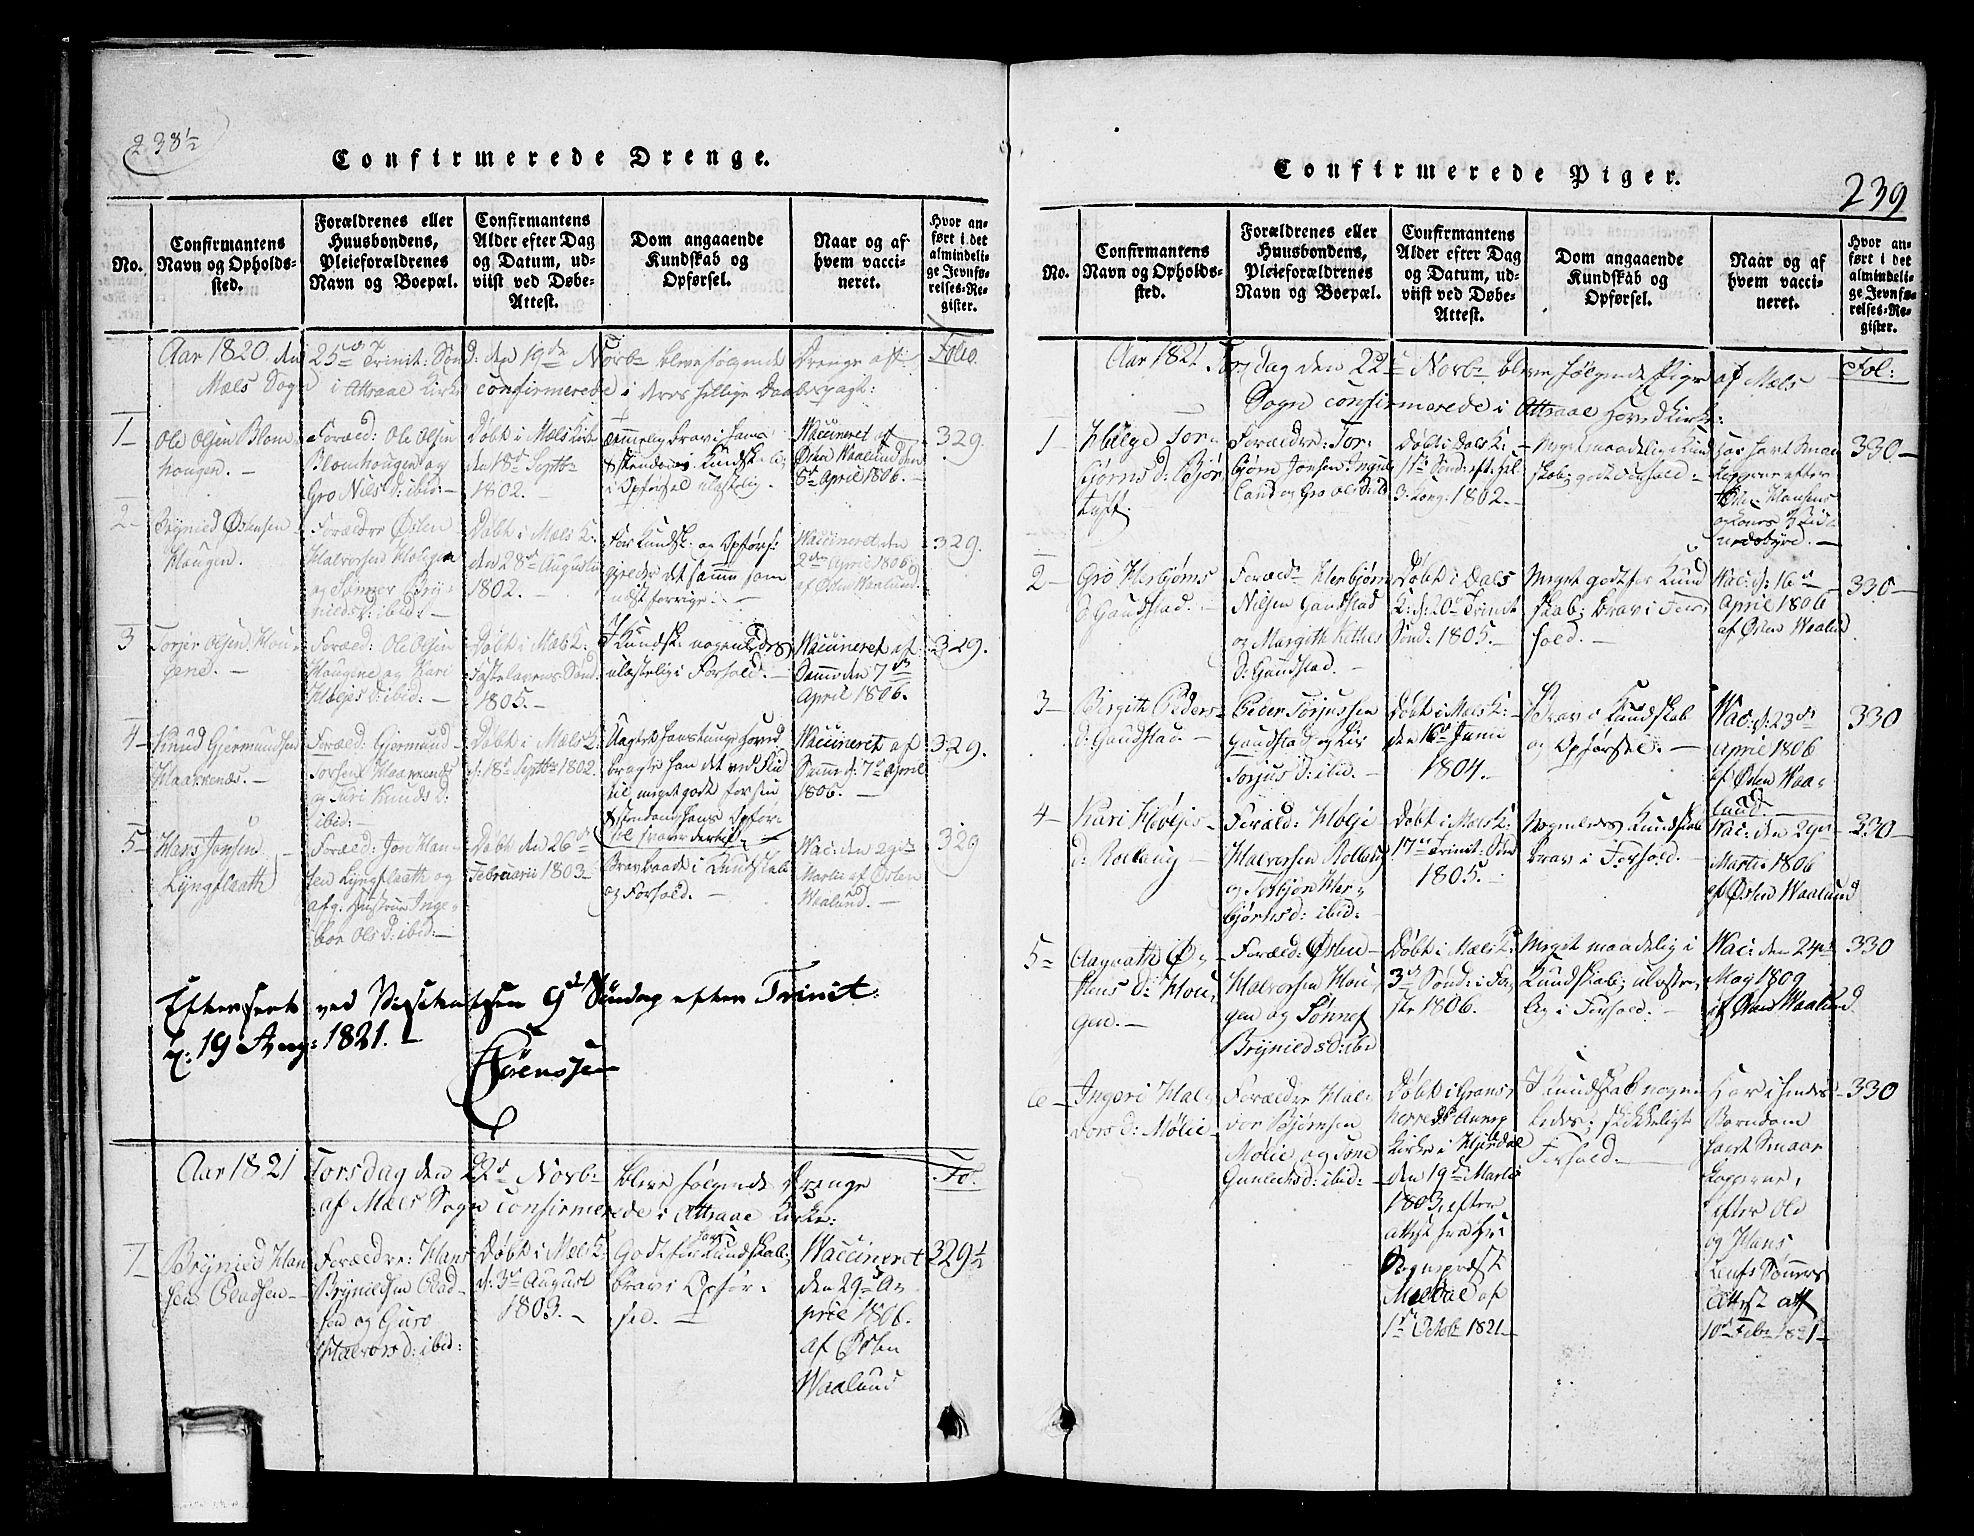 SAKO, Tinn kirkebøker, G/Gb/L0001: Klokkerbok nr. II 1 /1, 1815-1850, s. 239